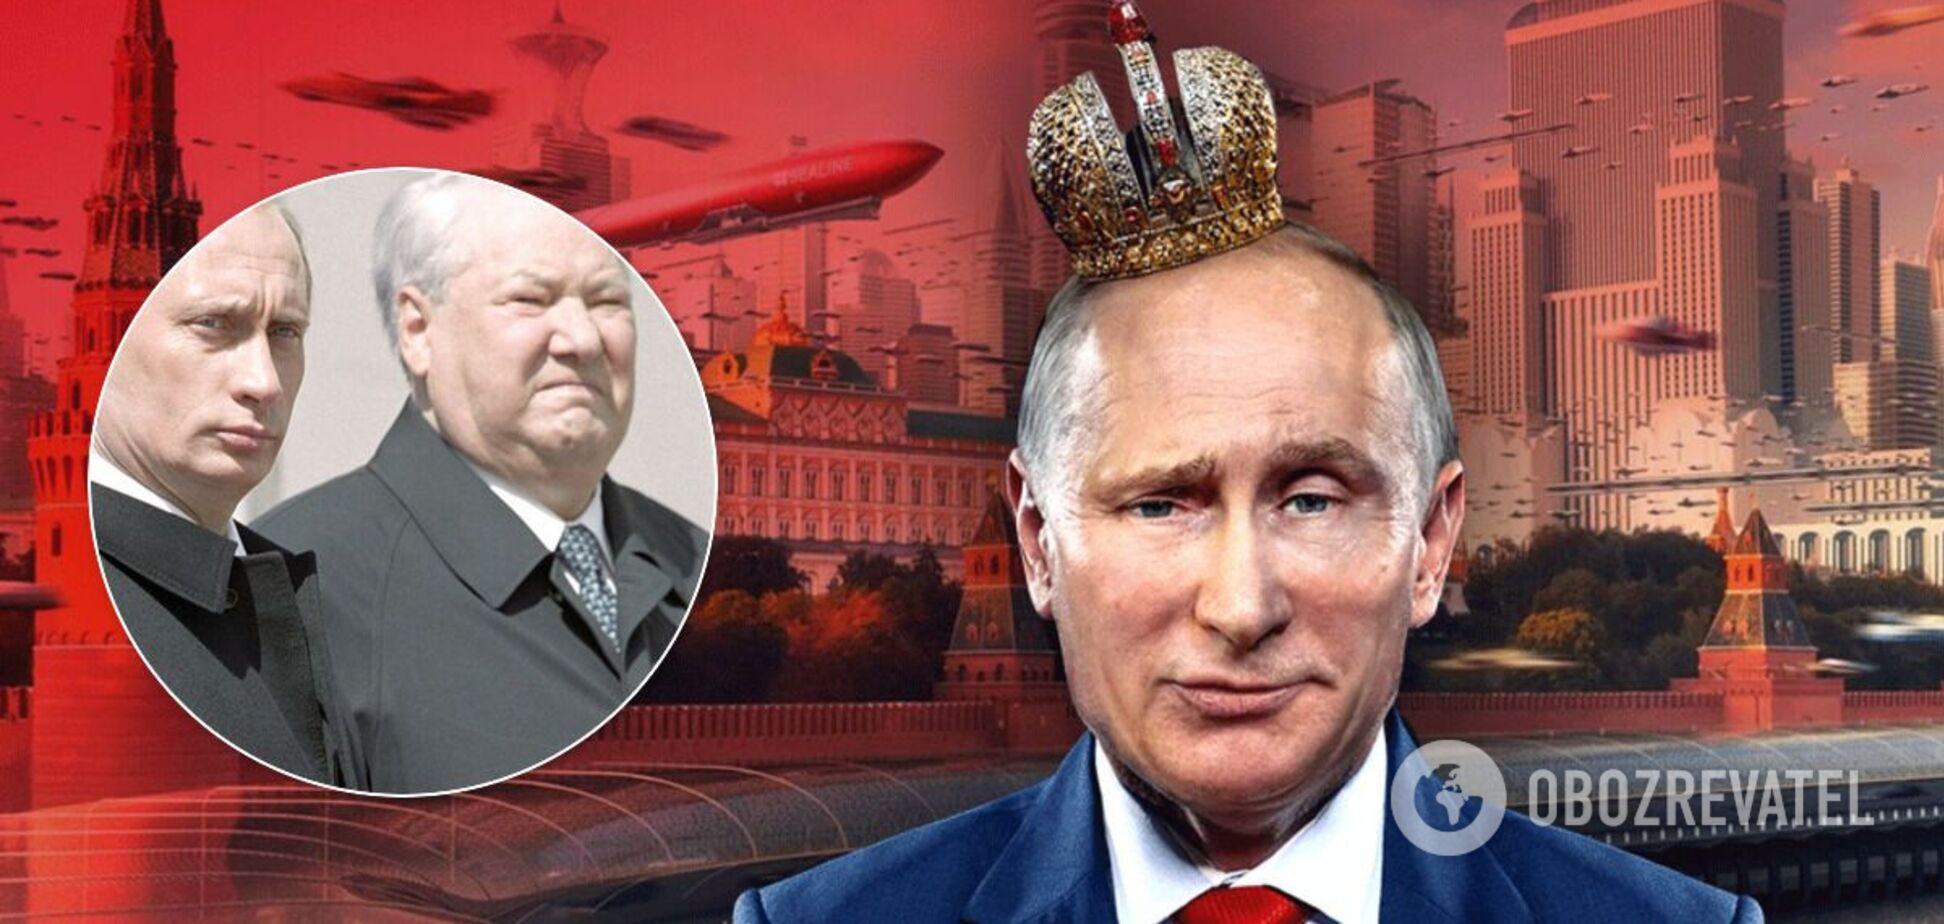 Президенти Росії Володимир Путін і Борис Єльцин